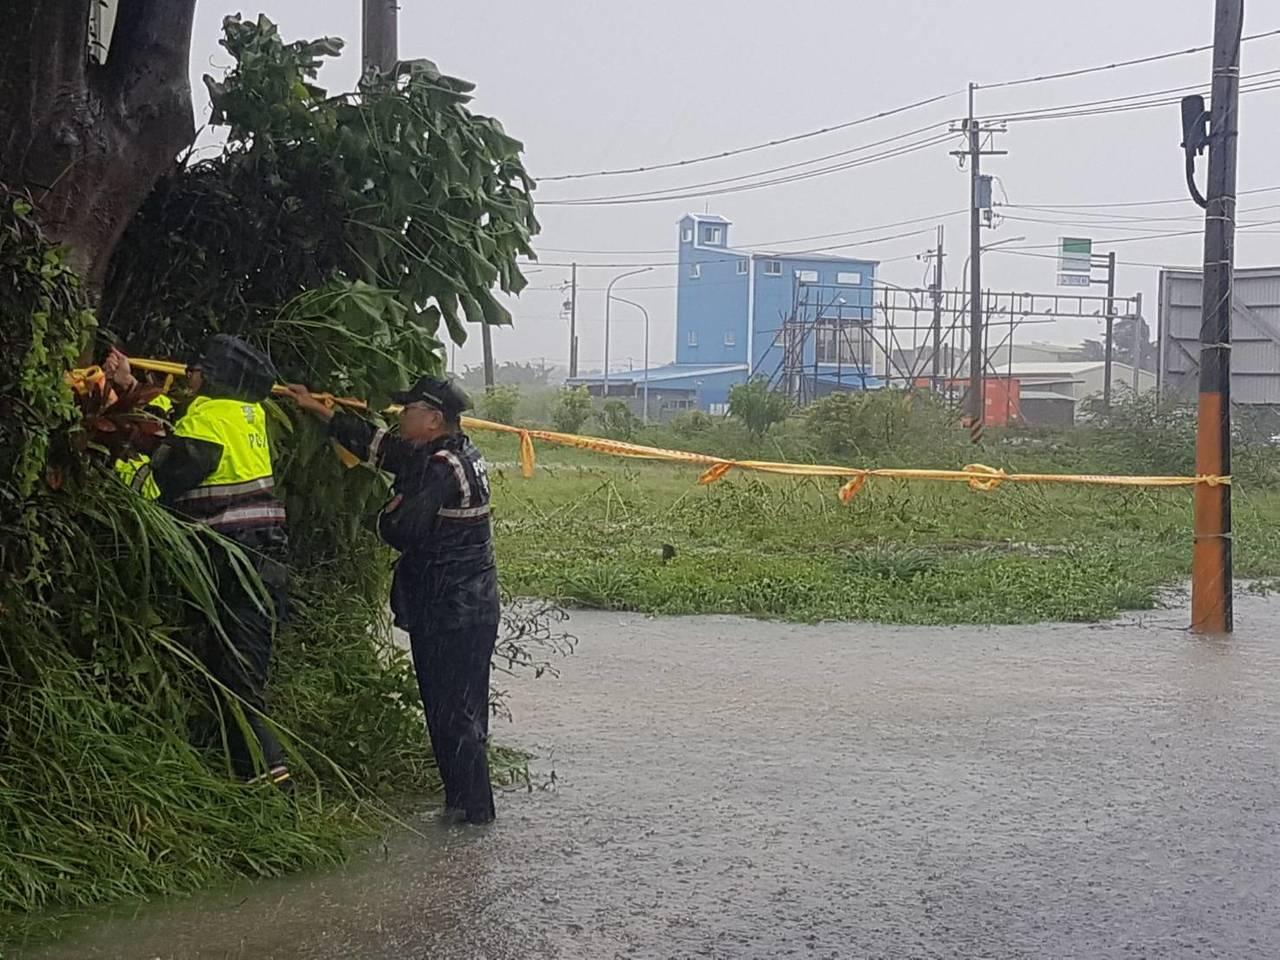 三分局員警冒著風雨封鎖路口防止人車進入受困。圖/員警提供